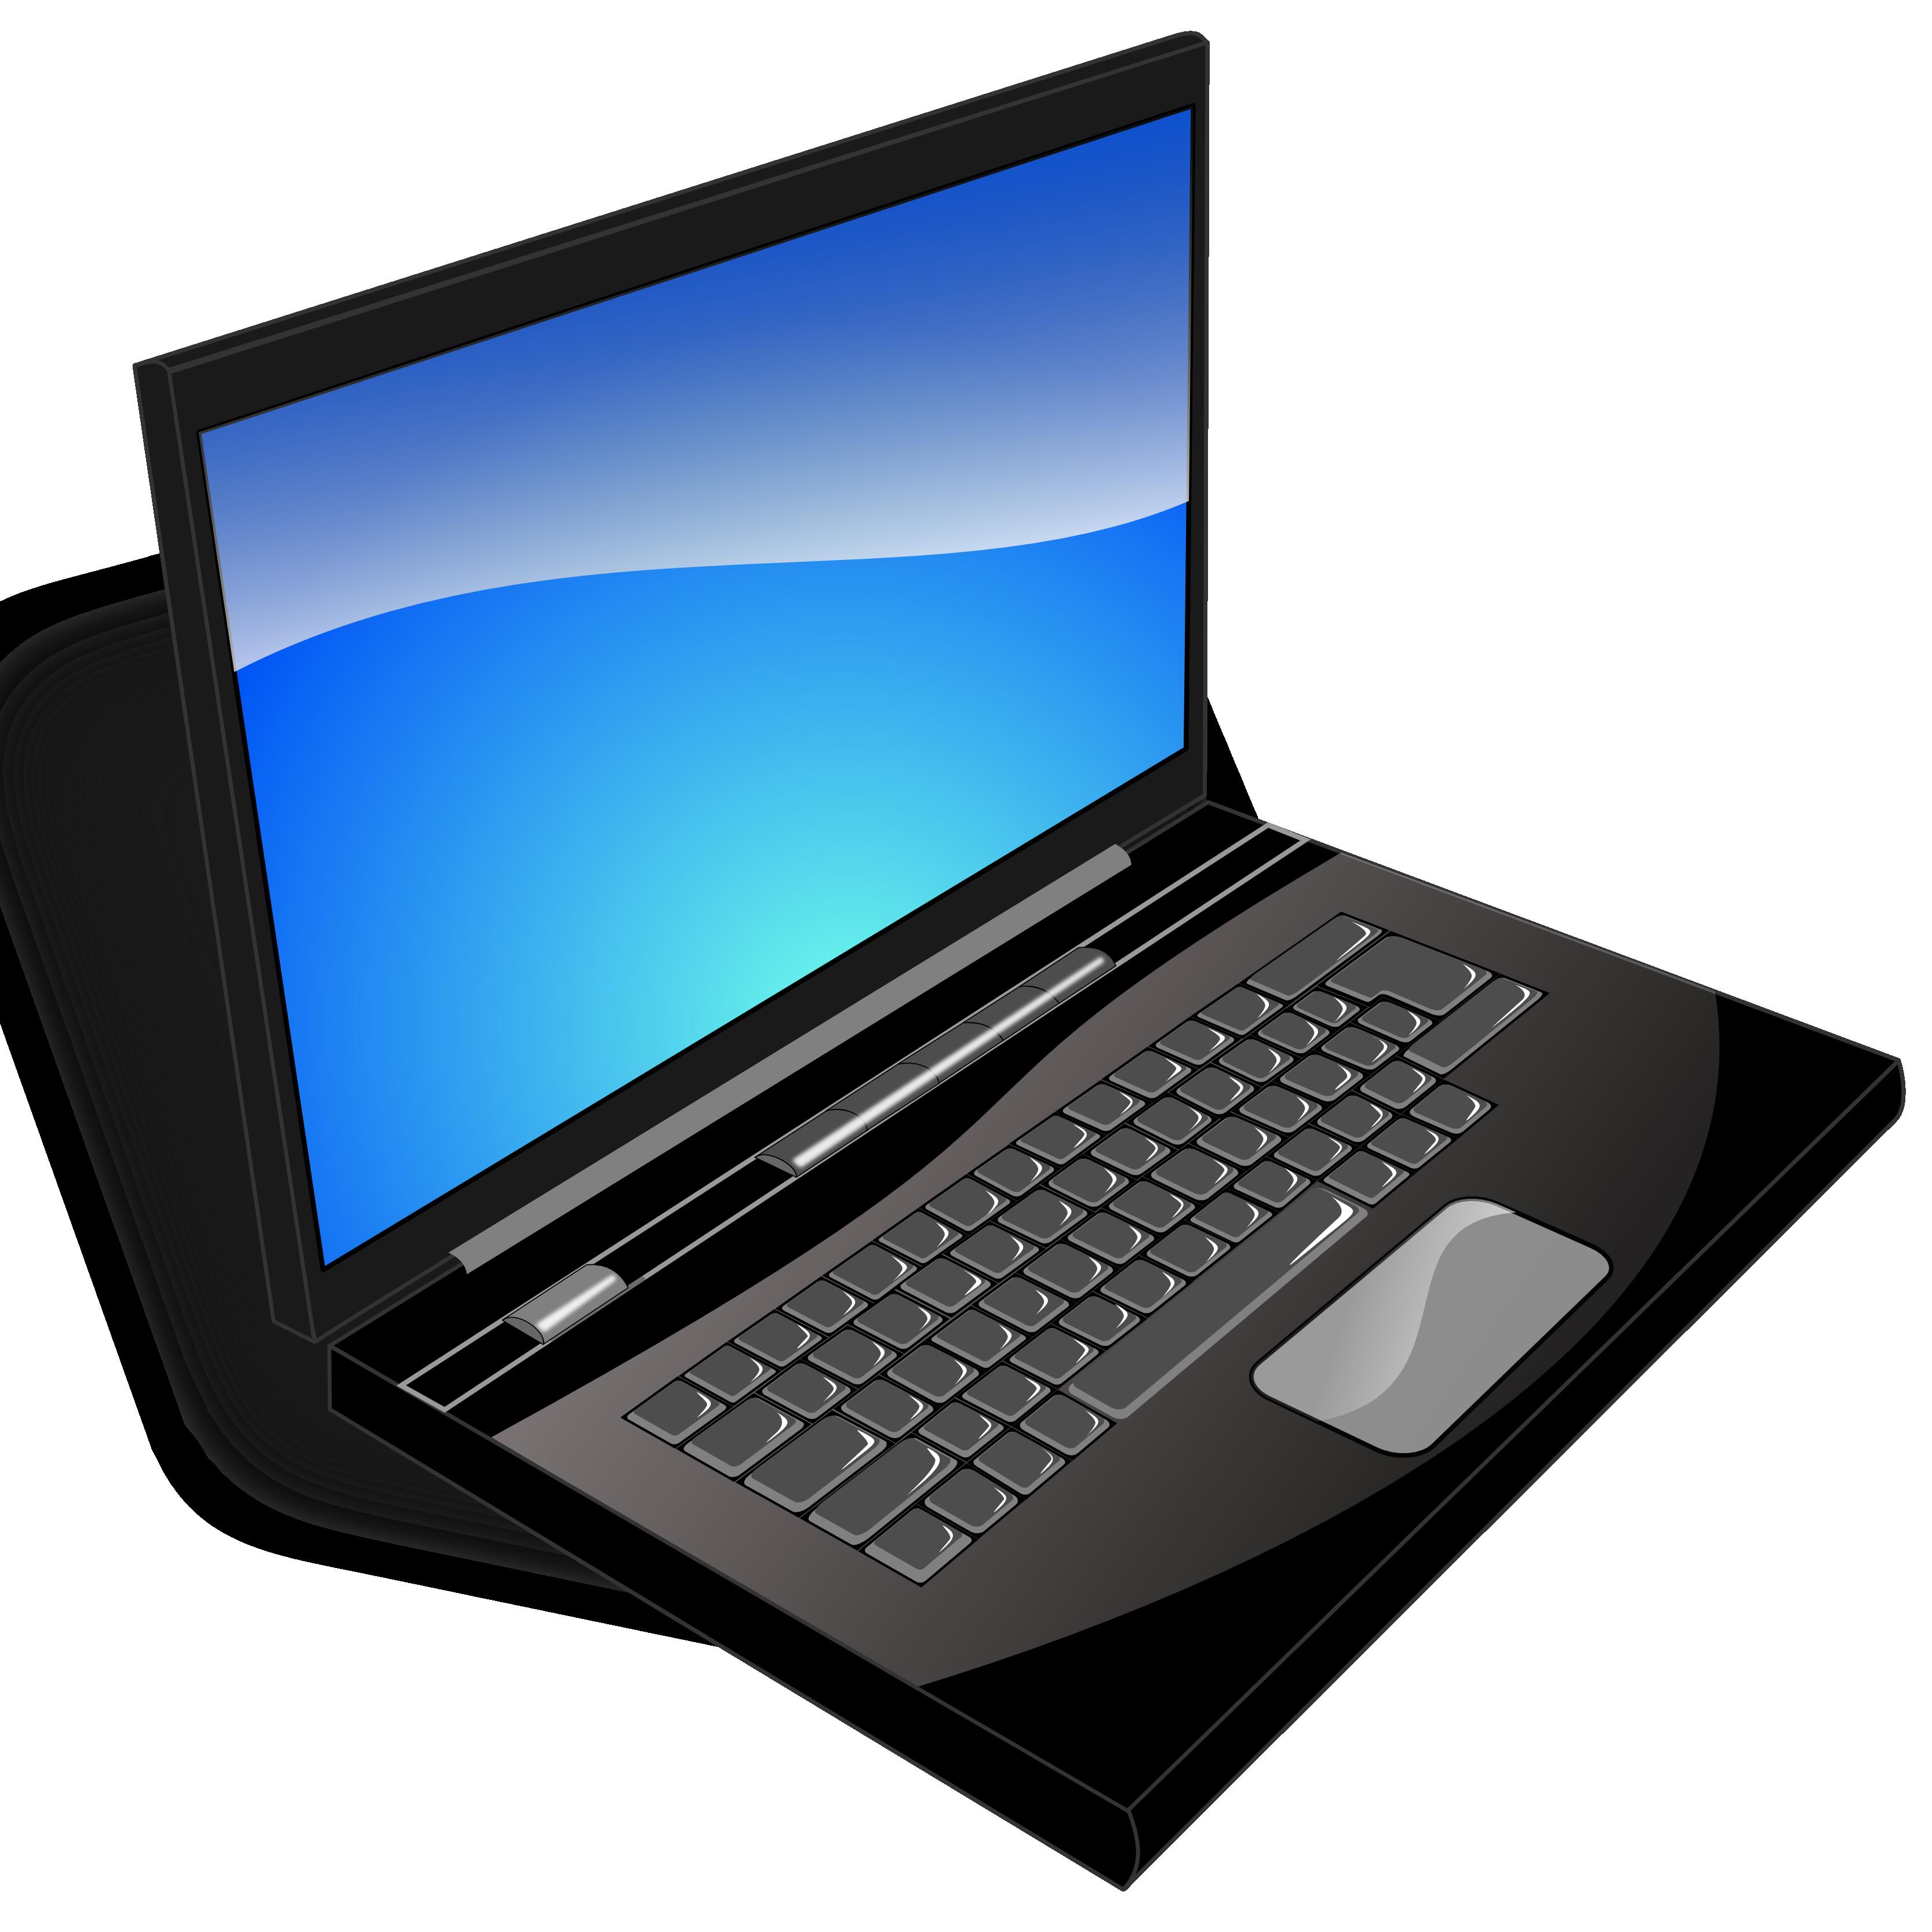 Laptop PNG Transparent Laptop.PNG Images..